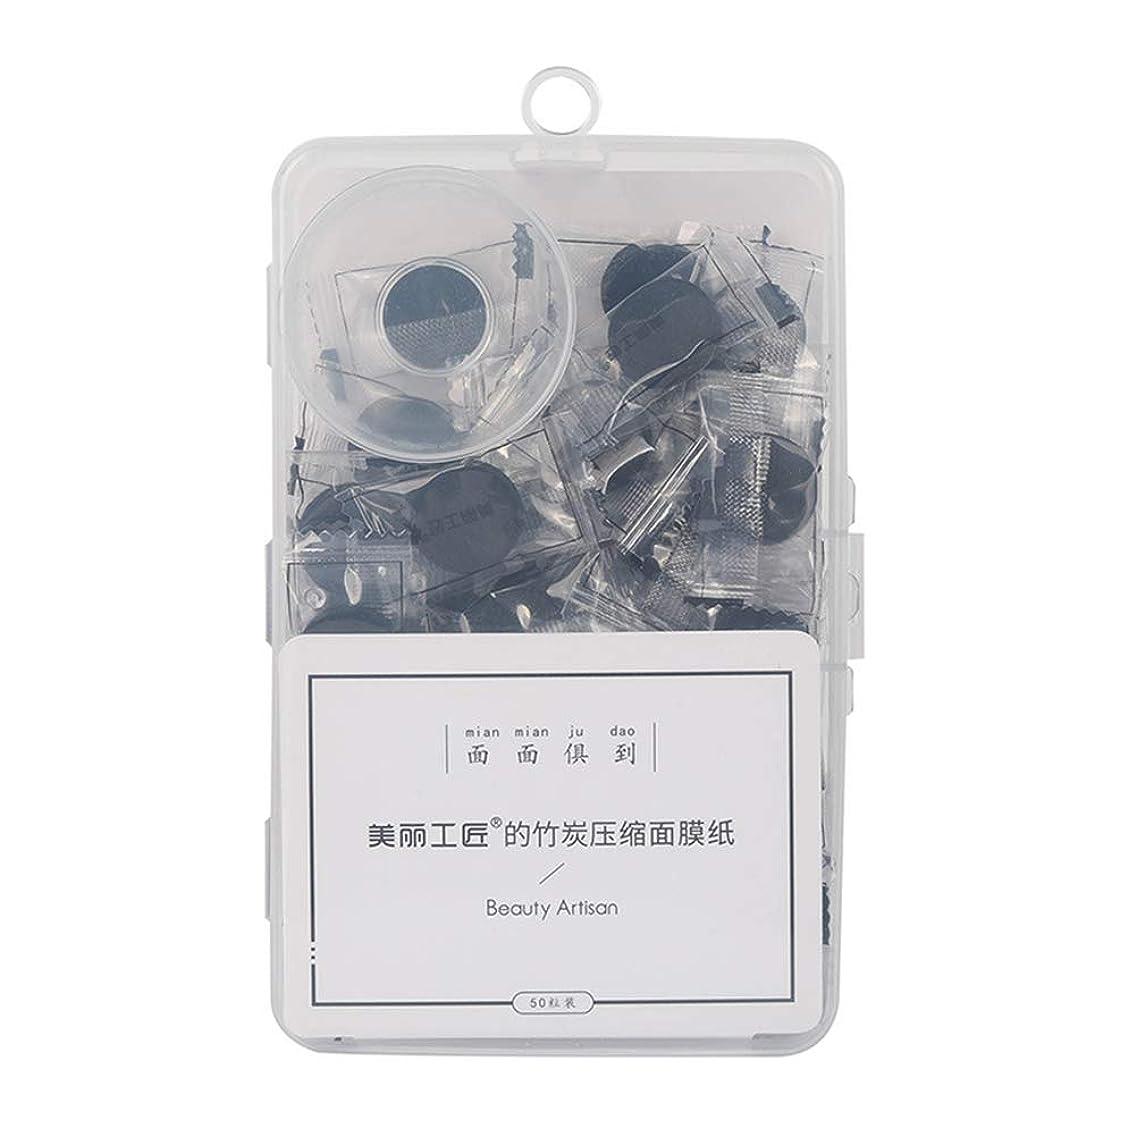 フロント卑しいしかしマスク紙 FidgetFidget 50ピース黒圧縮マスク使い捨て顔天然竹炭マスク紙diy美容メイク